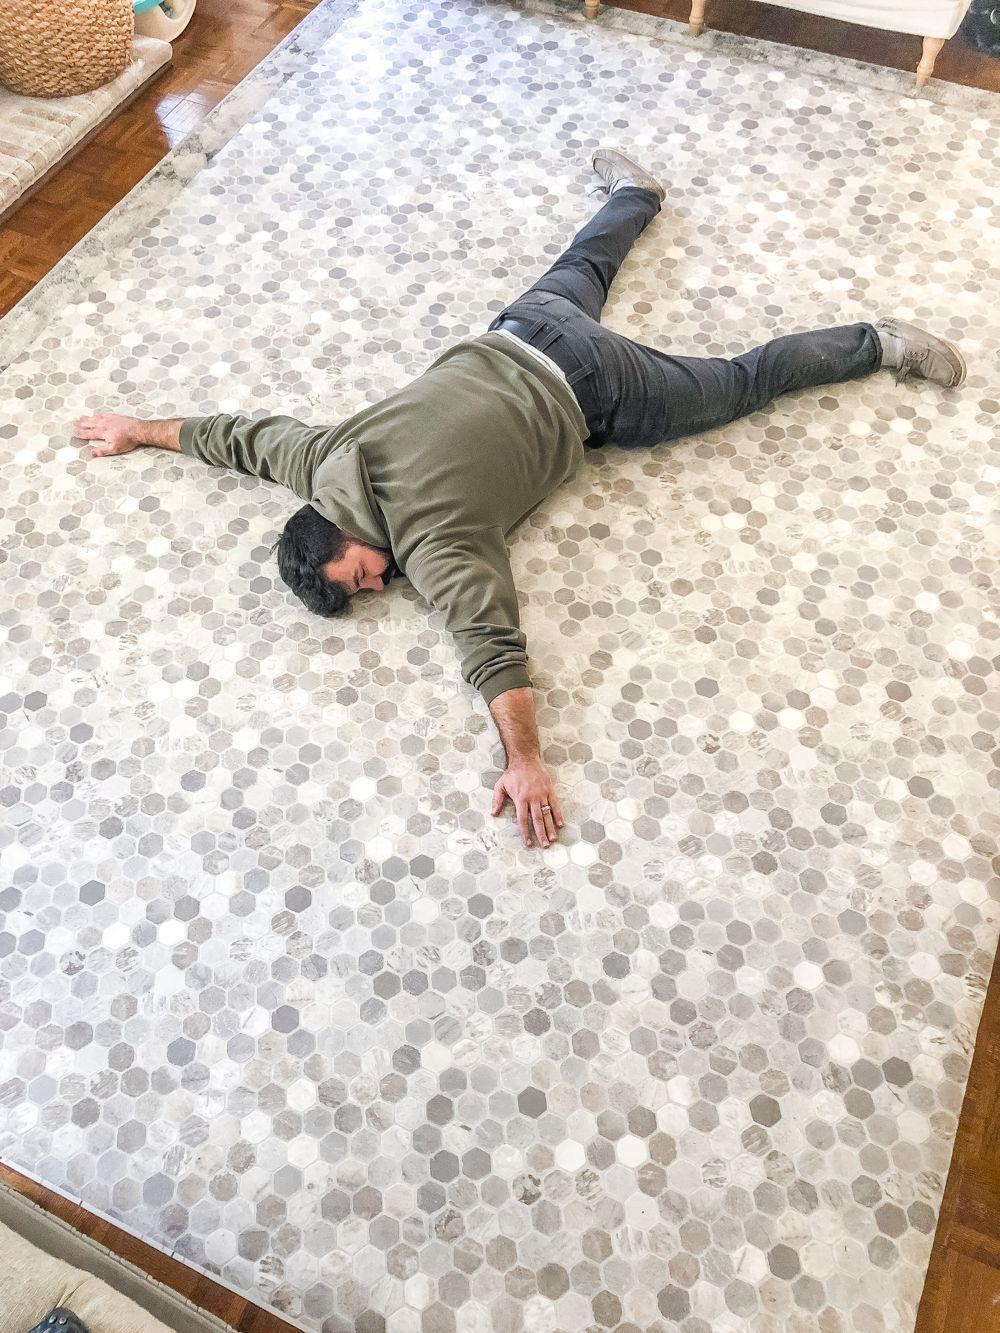 How to Install Sheet Vinyl Flooring Over Tile | Vinyl ...